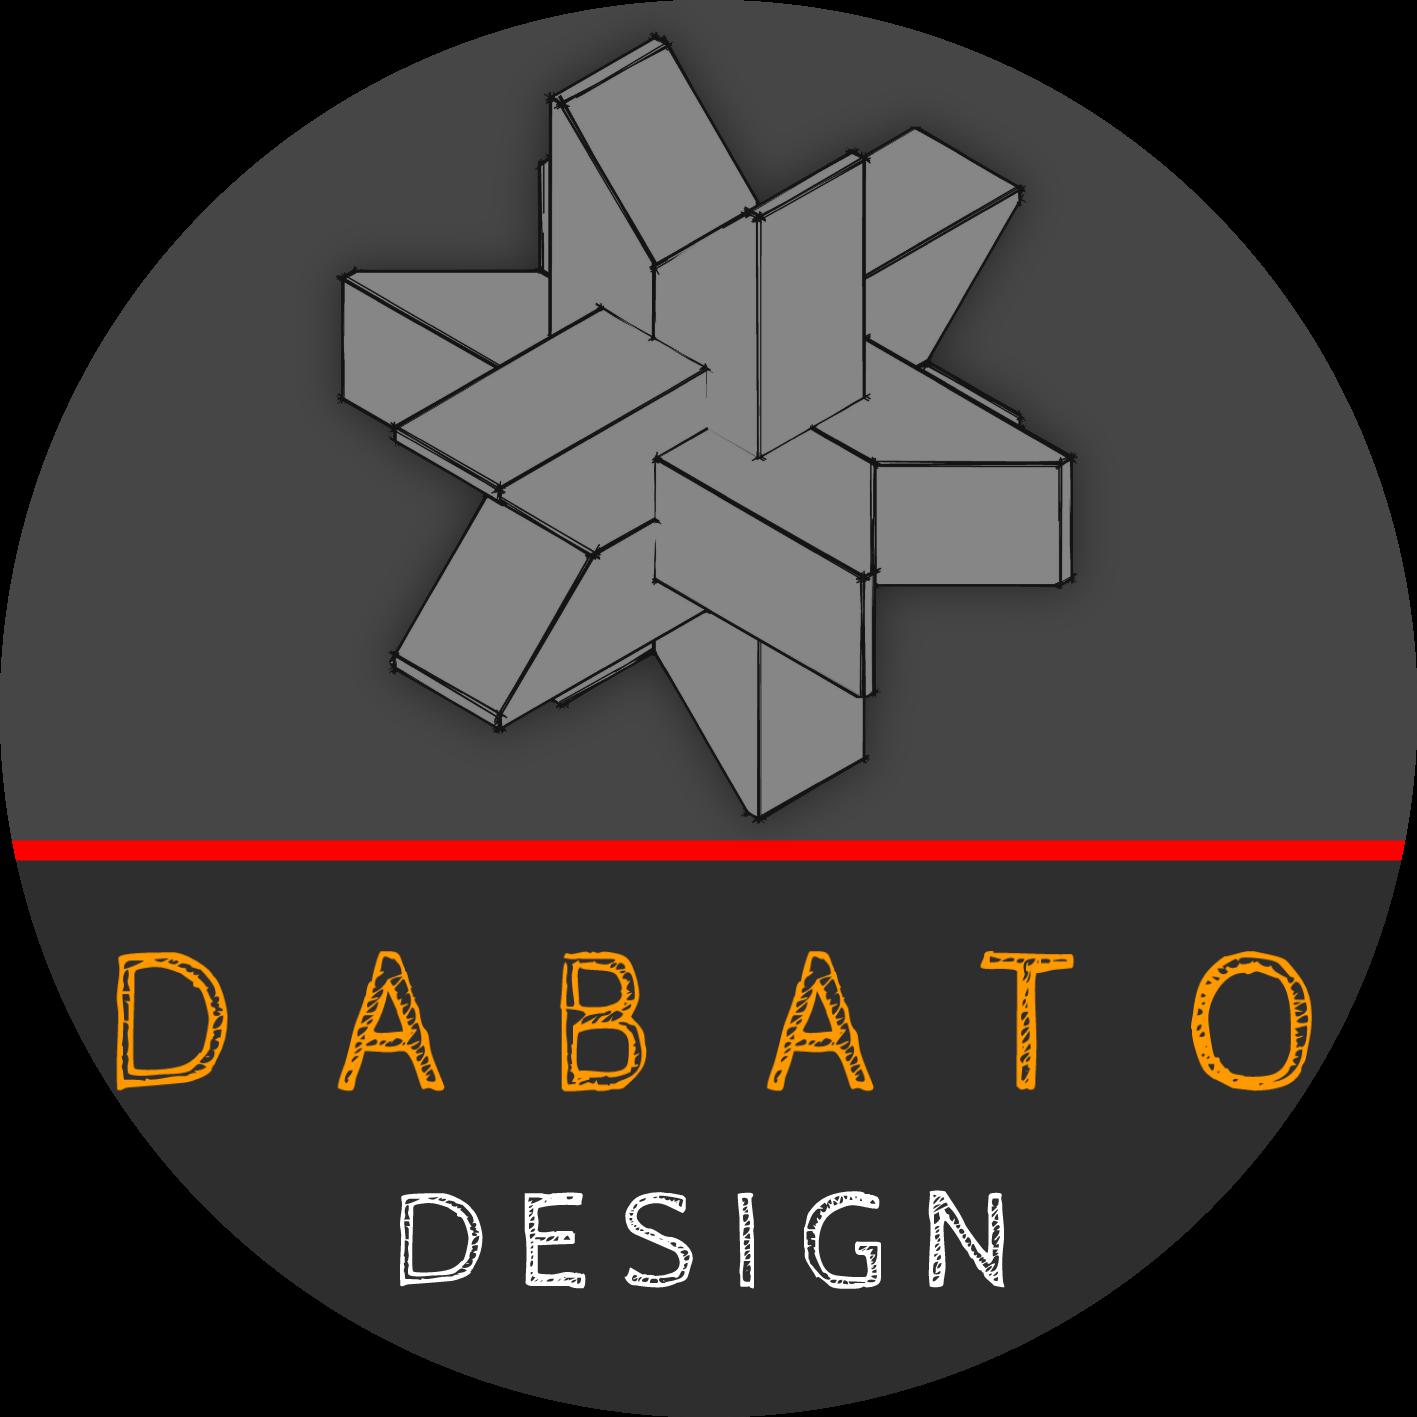 DABATO DESIGN